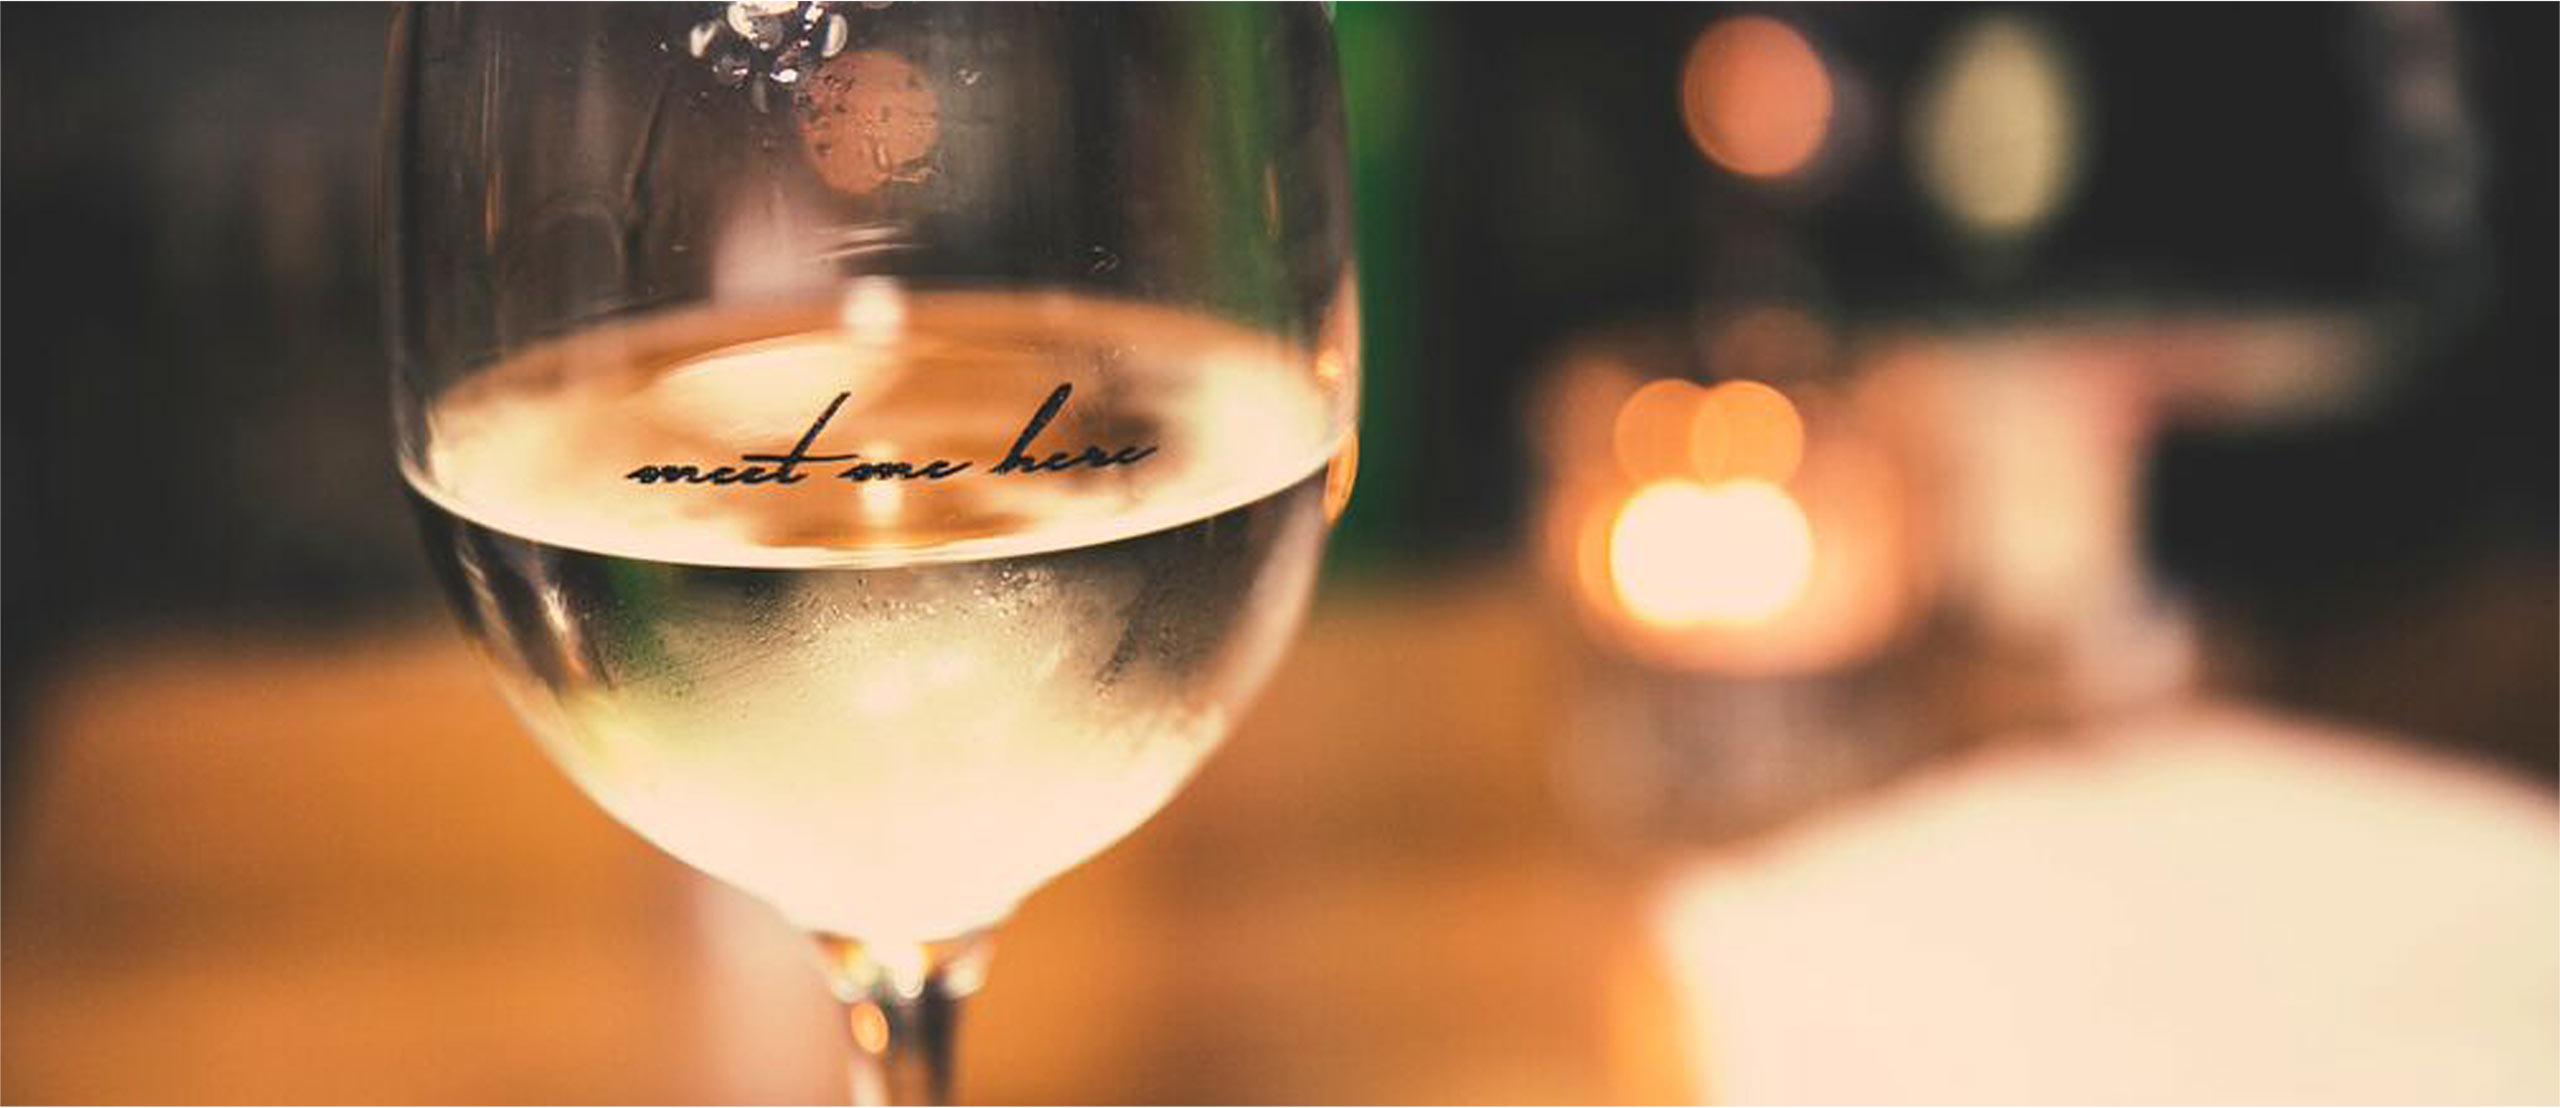 Wine Glass meet me here - Little Blackwood Queenstown